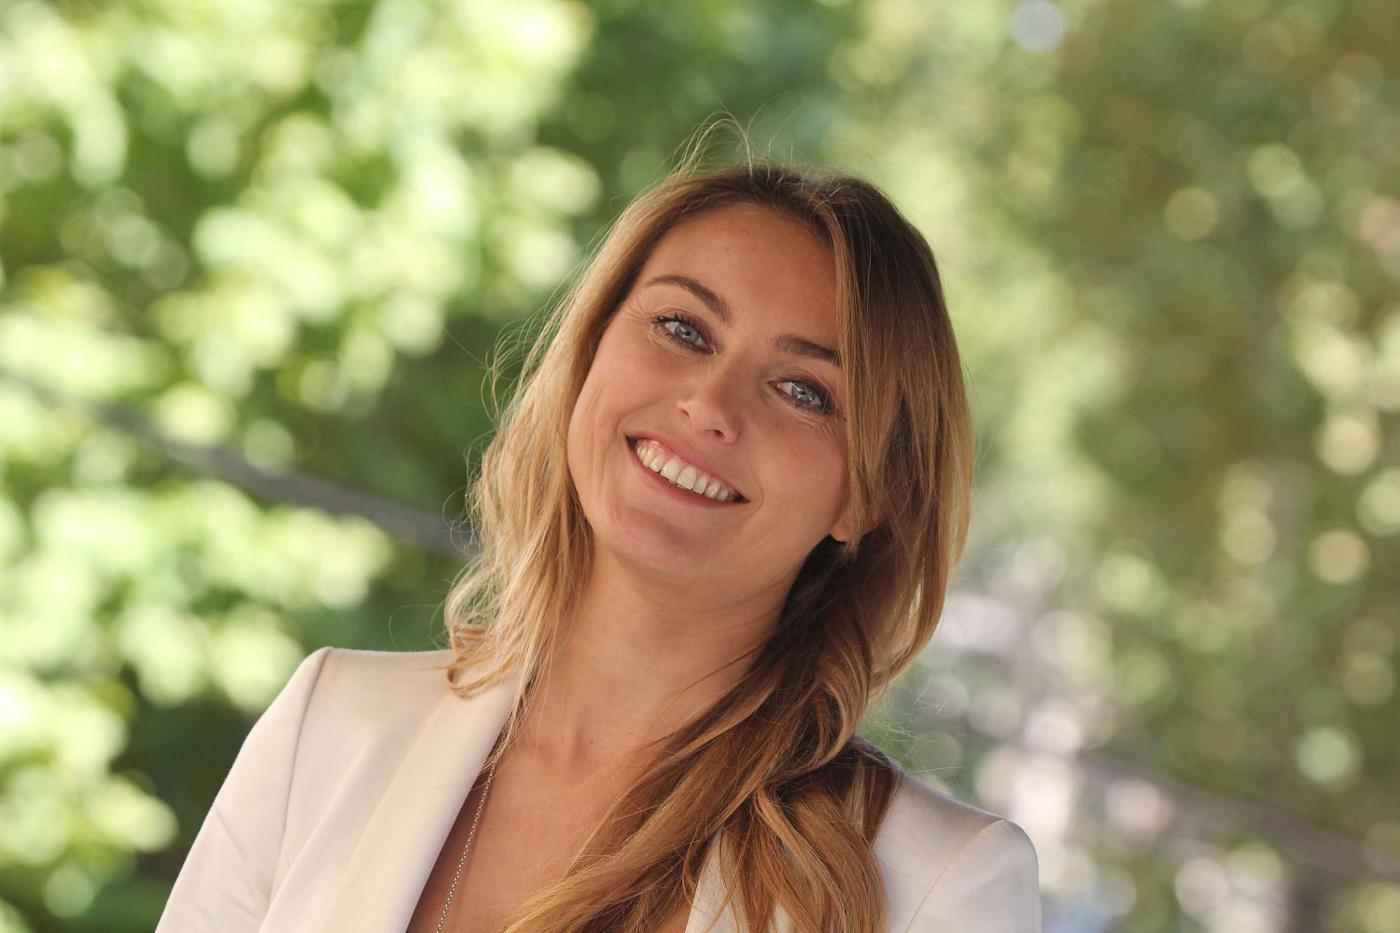 Perché le donne valgono, di Sabrina Scampini: un saggio tra femminismo e discriminazione [INTERVISTA]